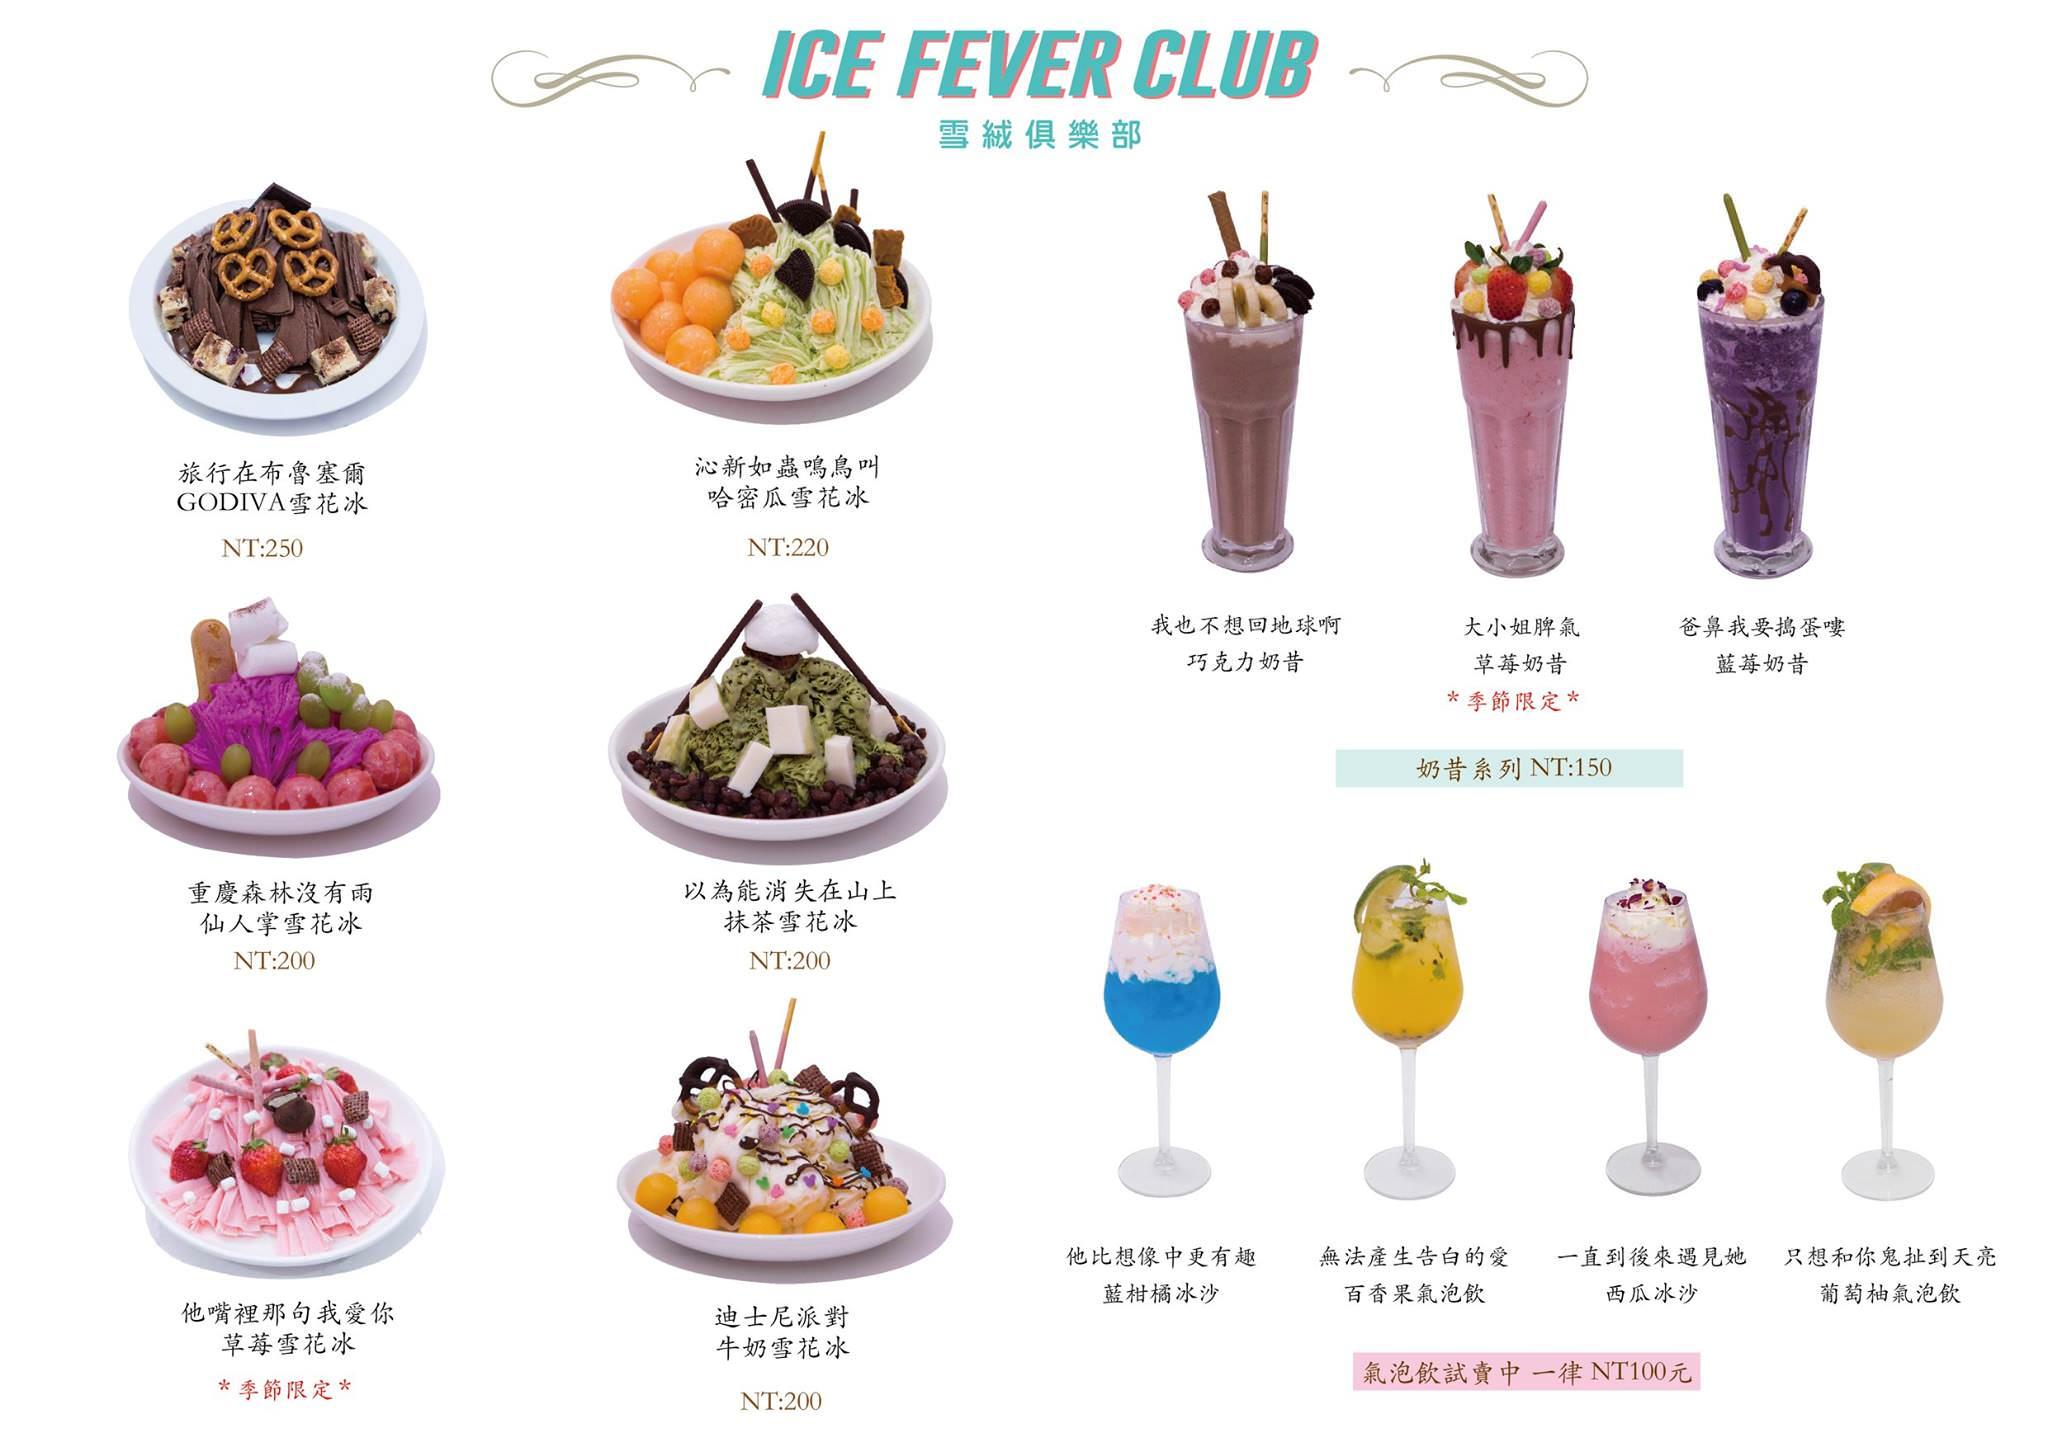 [高雄]ICE FEVER CLUB雪絨俱樂部-清涼仙人掌雪花冰 高雄IG打卡新熱點 高雄雪花冰推薦 @美食好芃友